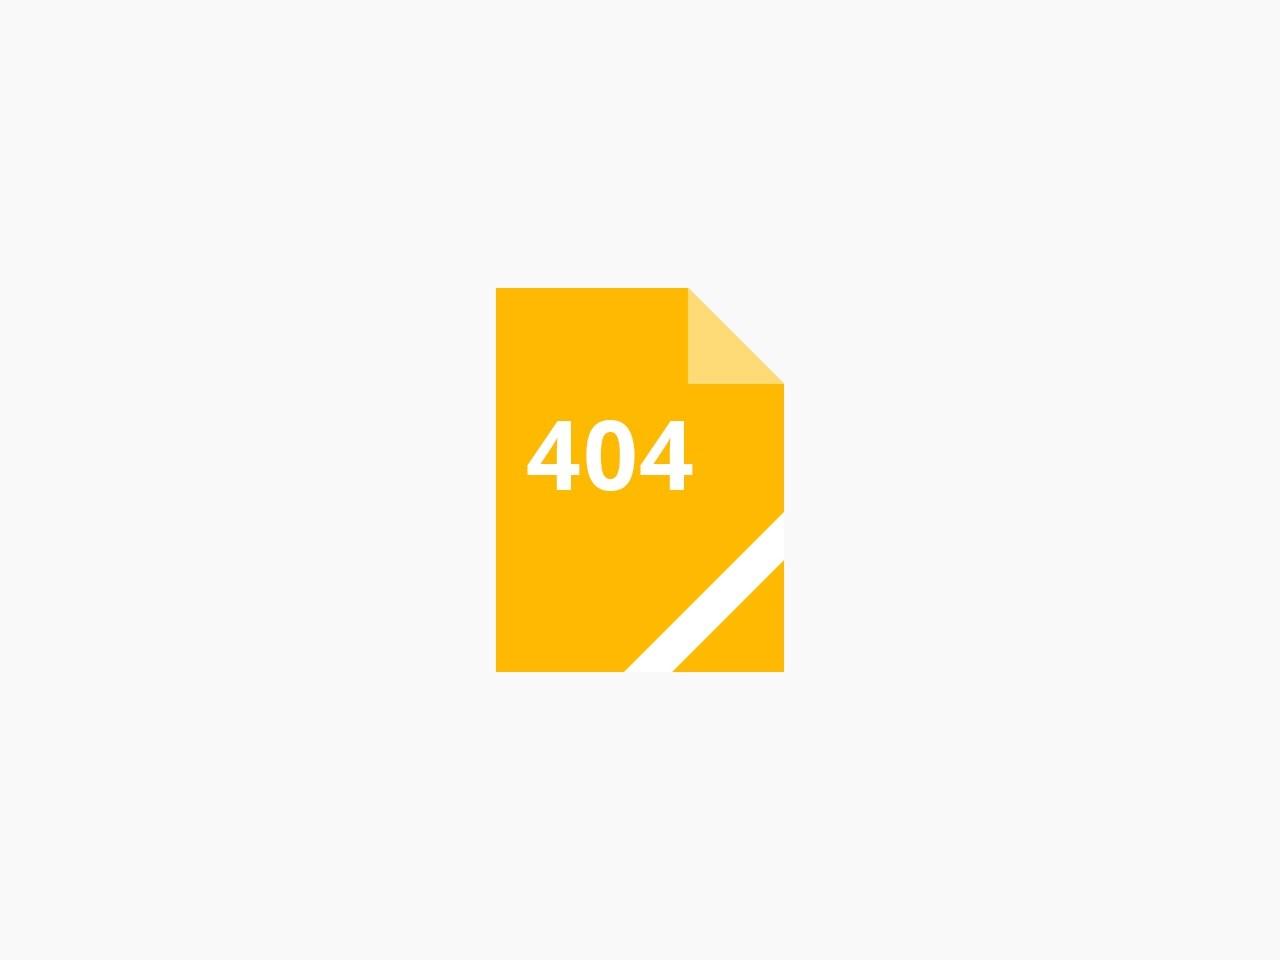 5888亿游网_5888wan亿游网_国内专业游戏平台_网页游戏_H5手机游戏平台